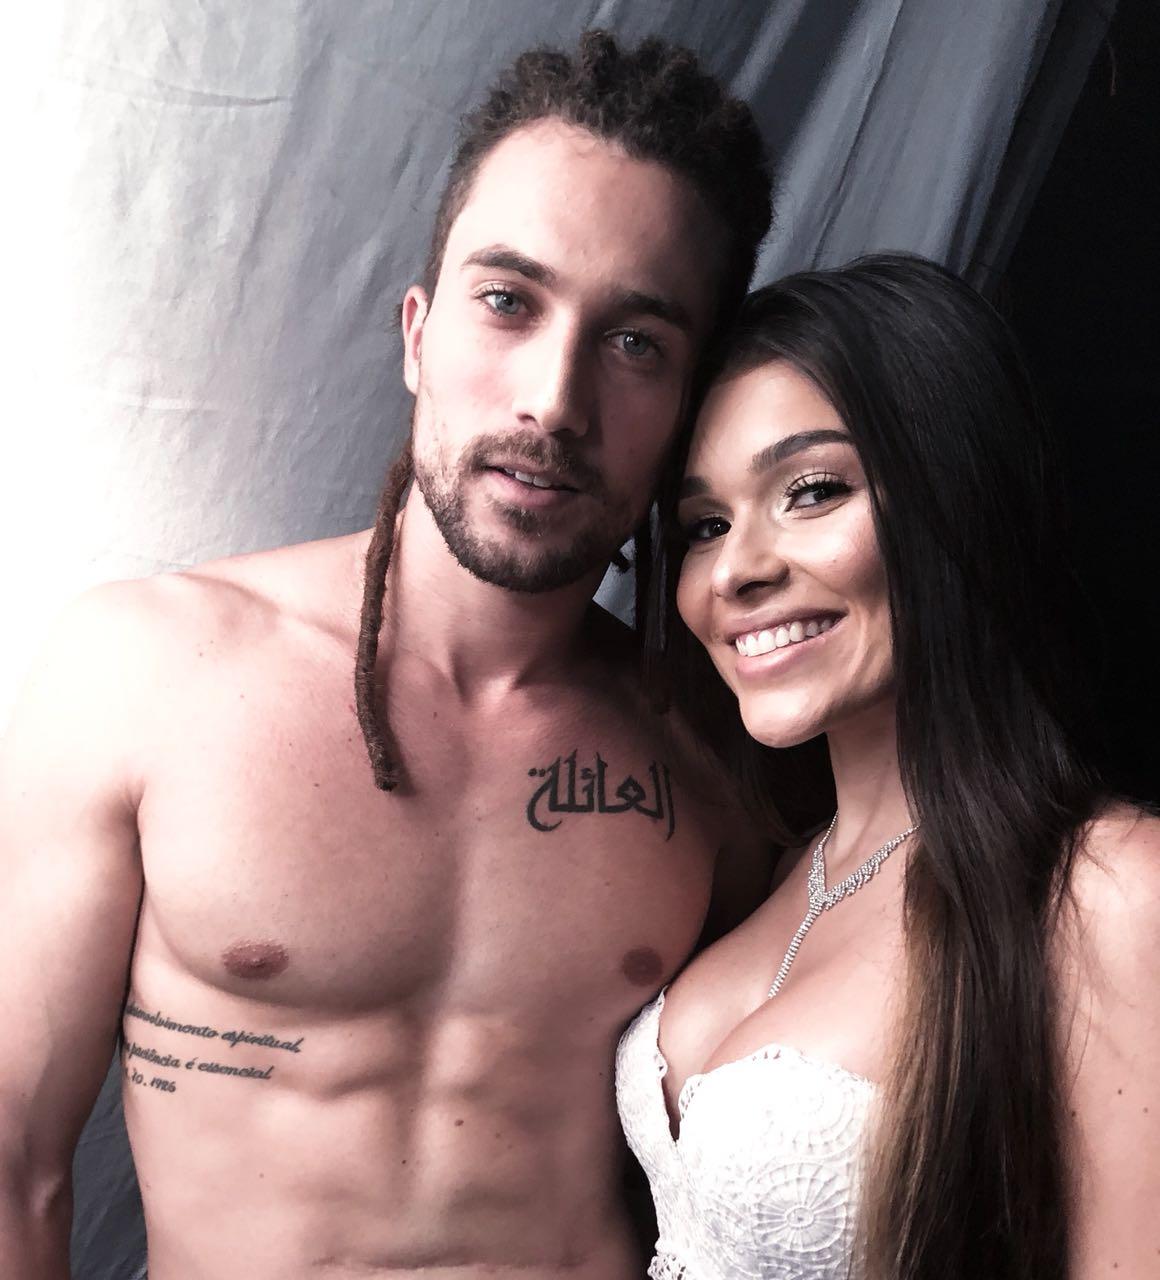 Ricardo Vianna e Lary. Foto: Divulgação